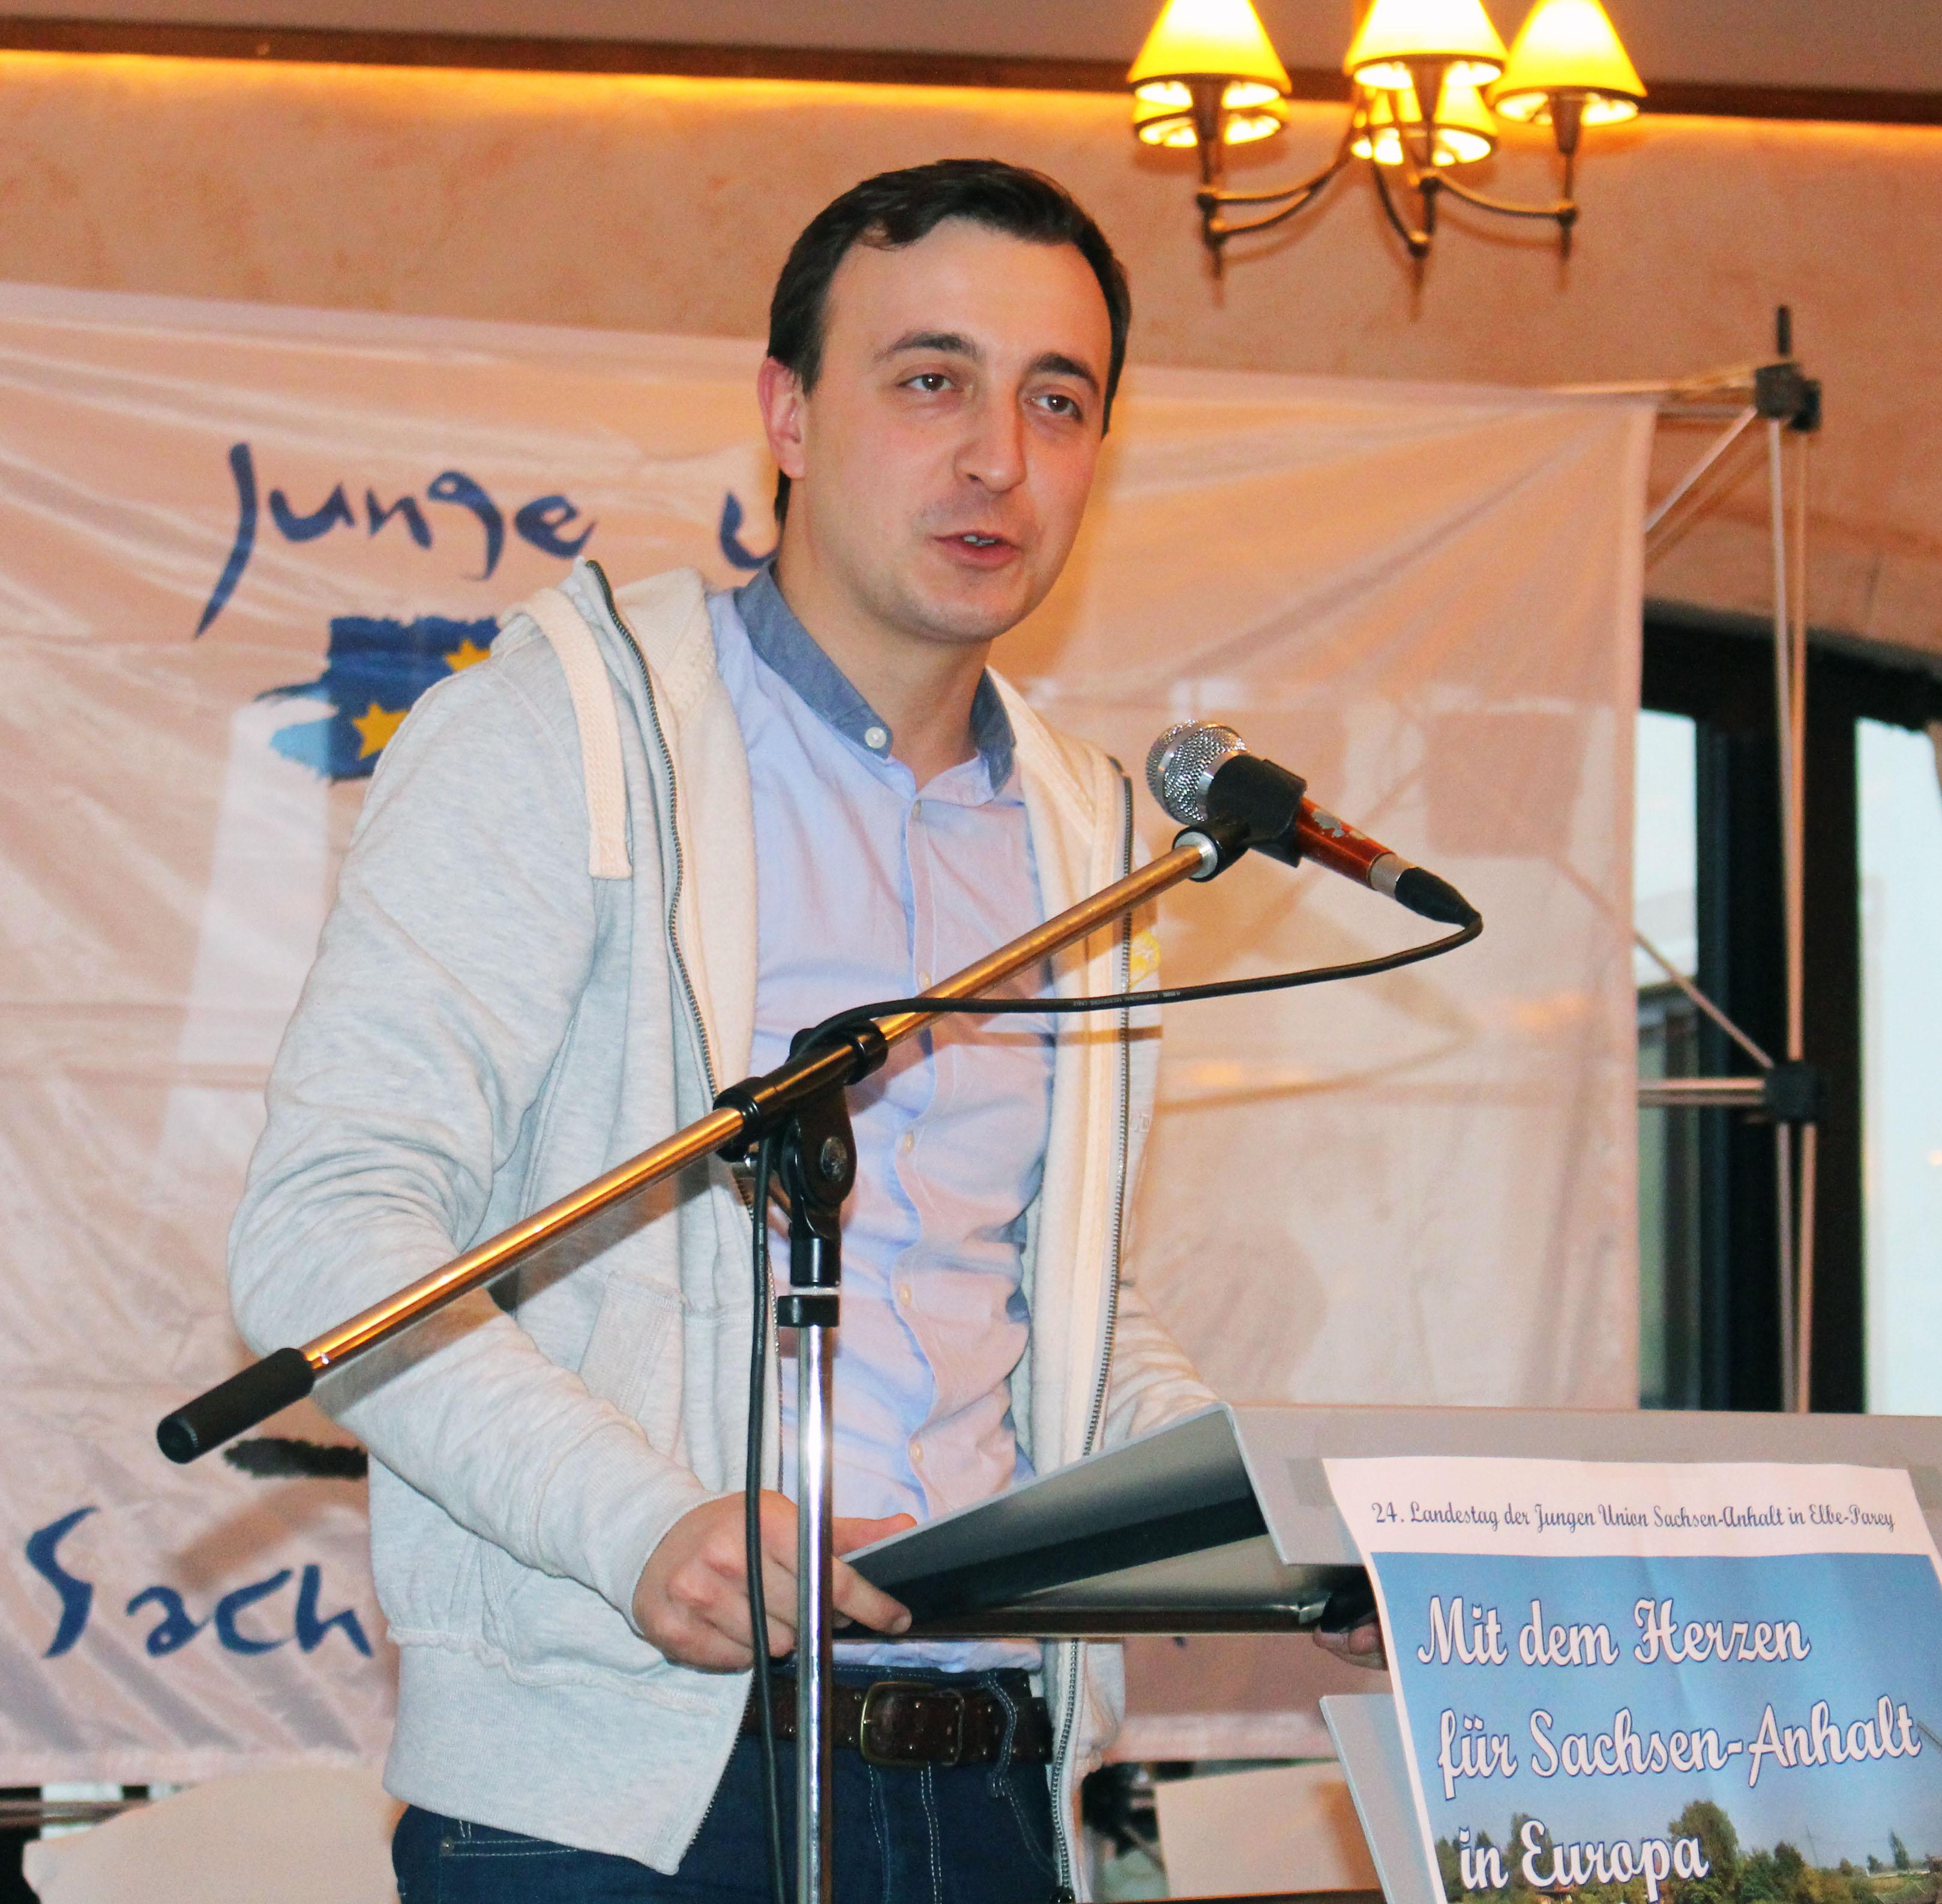 File Paul Ziemiak 2014 beim Landestag der Jungen Union Sachsen